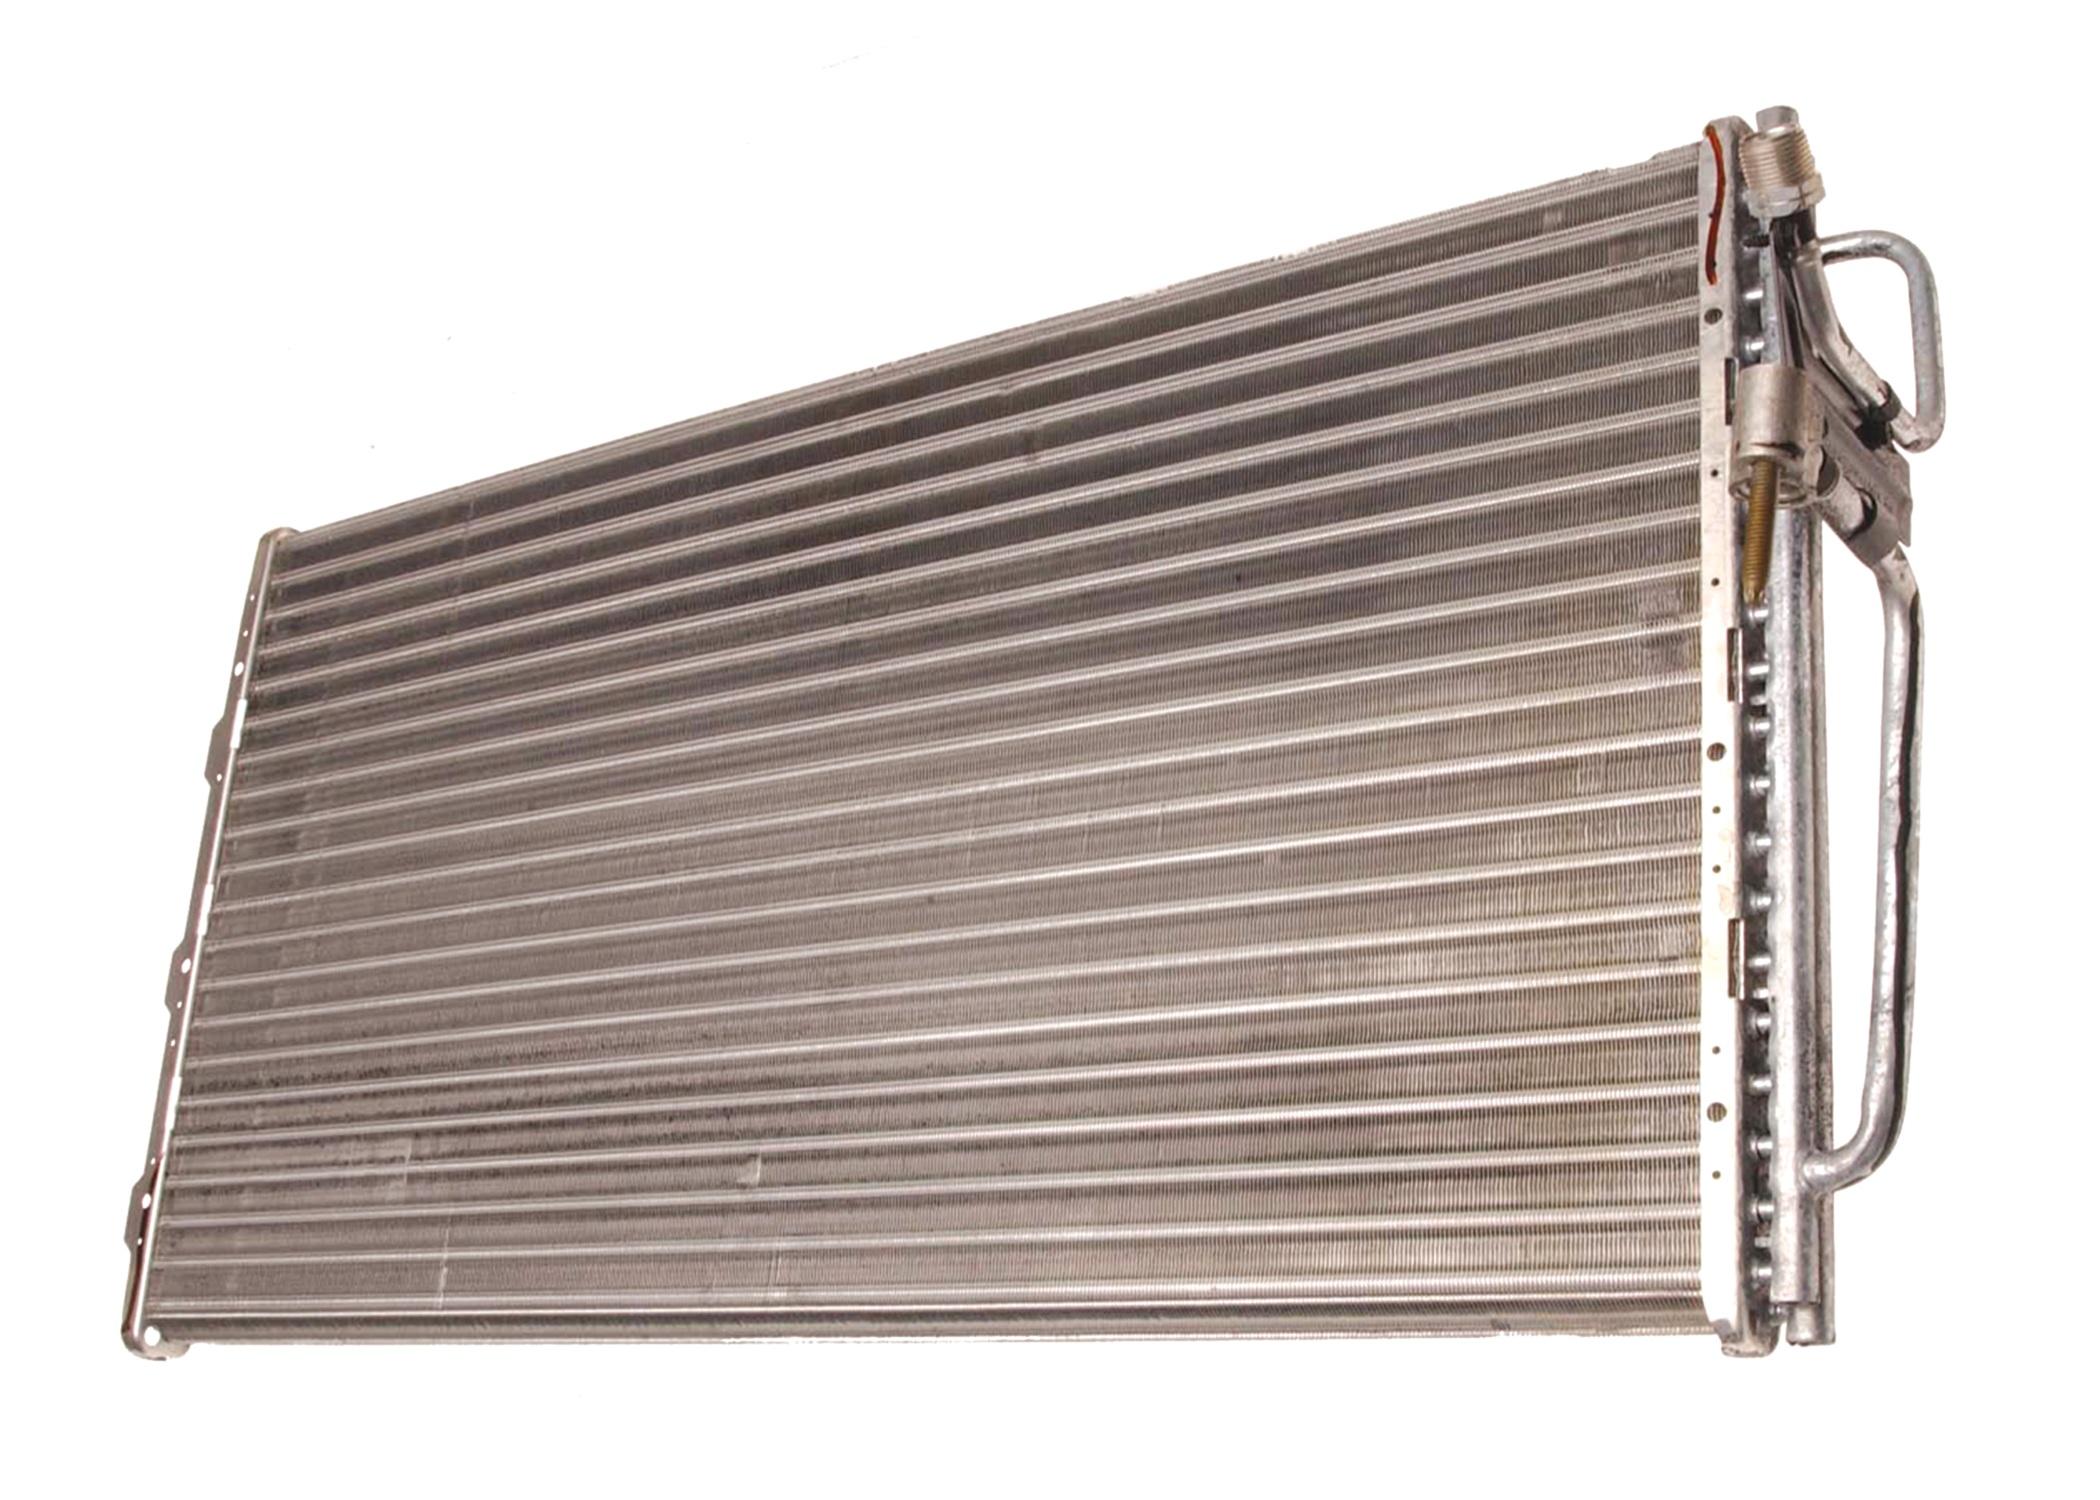 ACDELCO GM ORIGINAL EQUIPMENT - A/C Condenser - DCB 15-6961